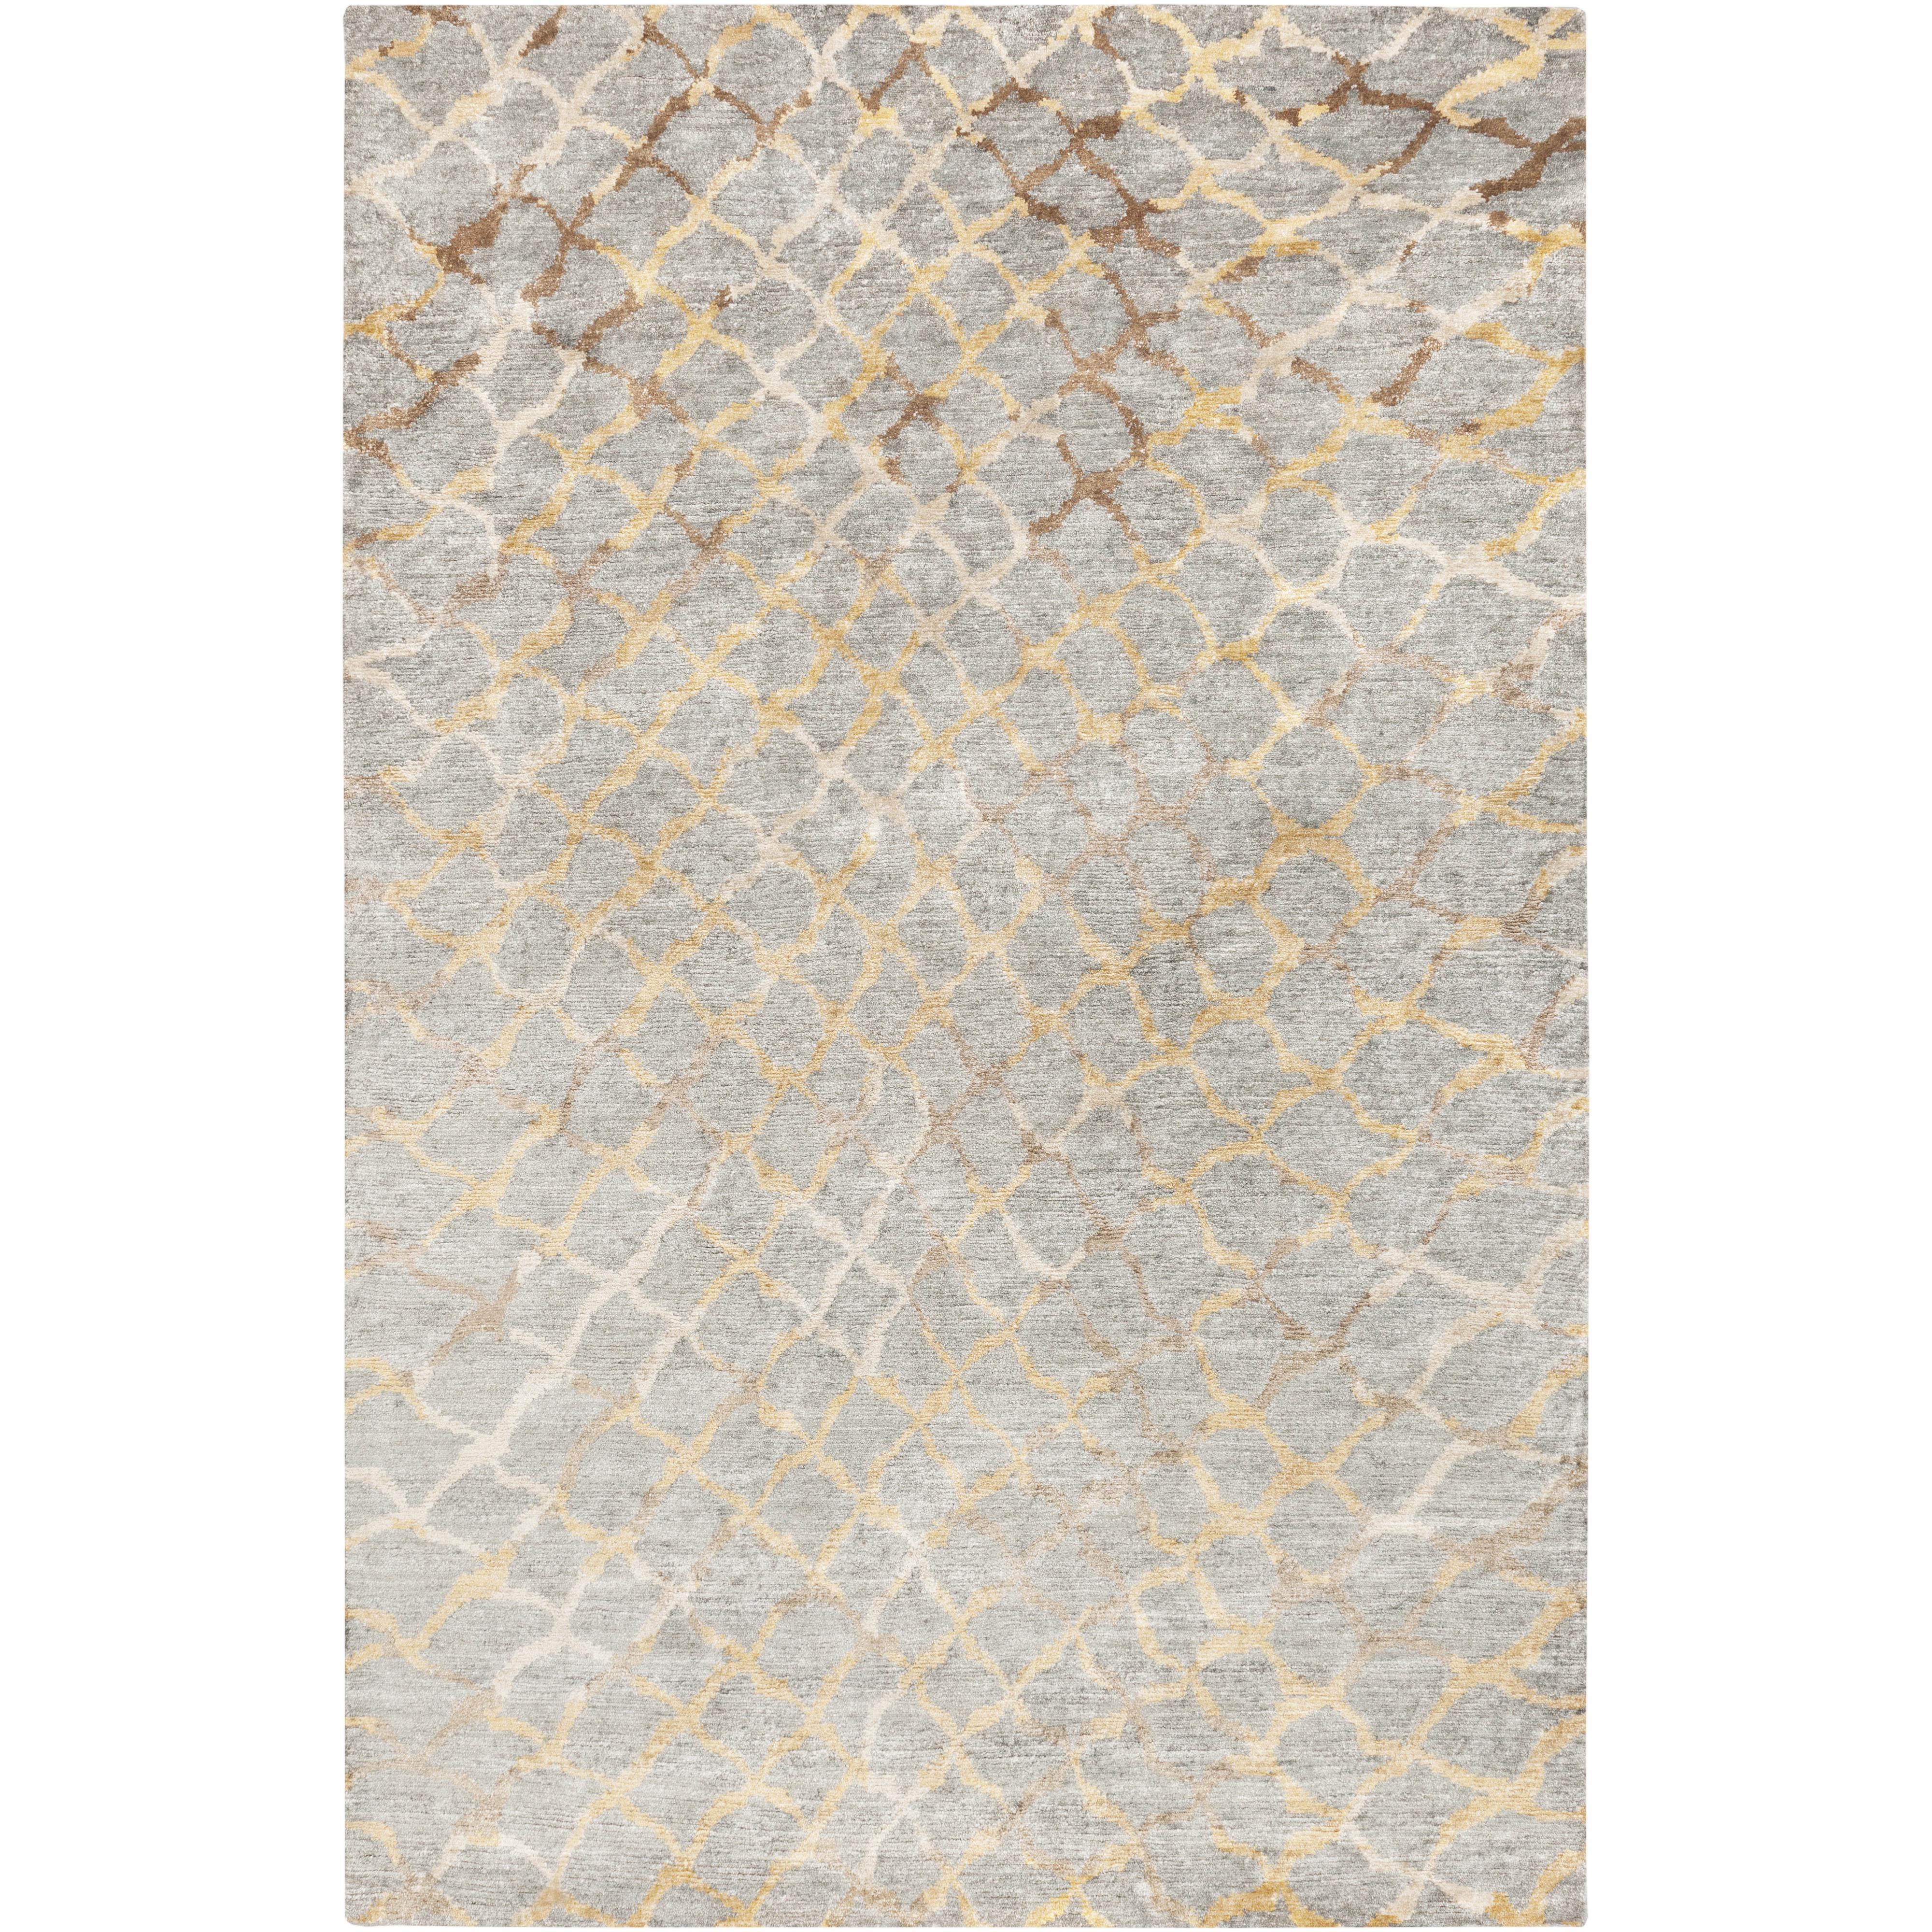 Surya Rugs Platinum 5' x 8' - Item Number: PLAT9018-58